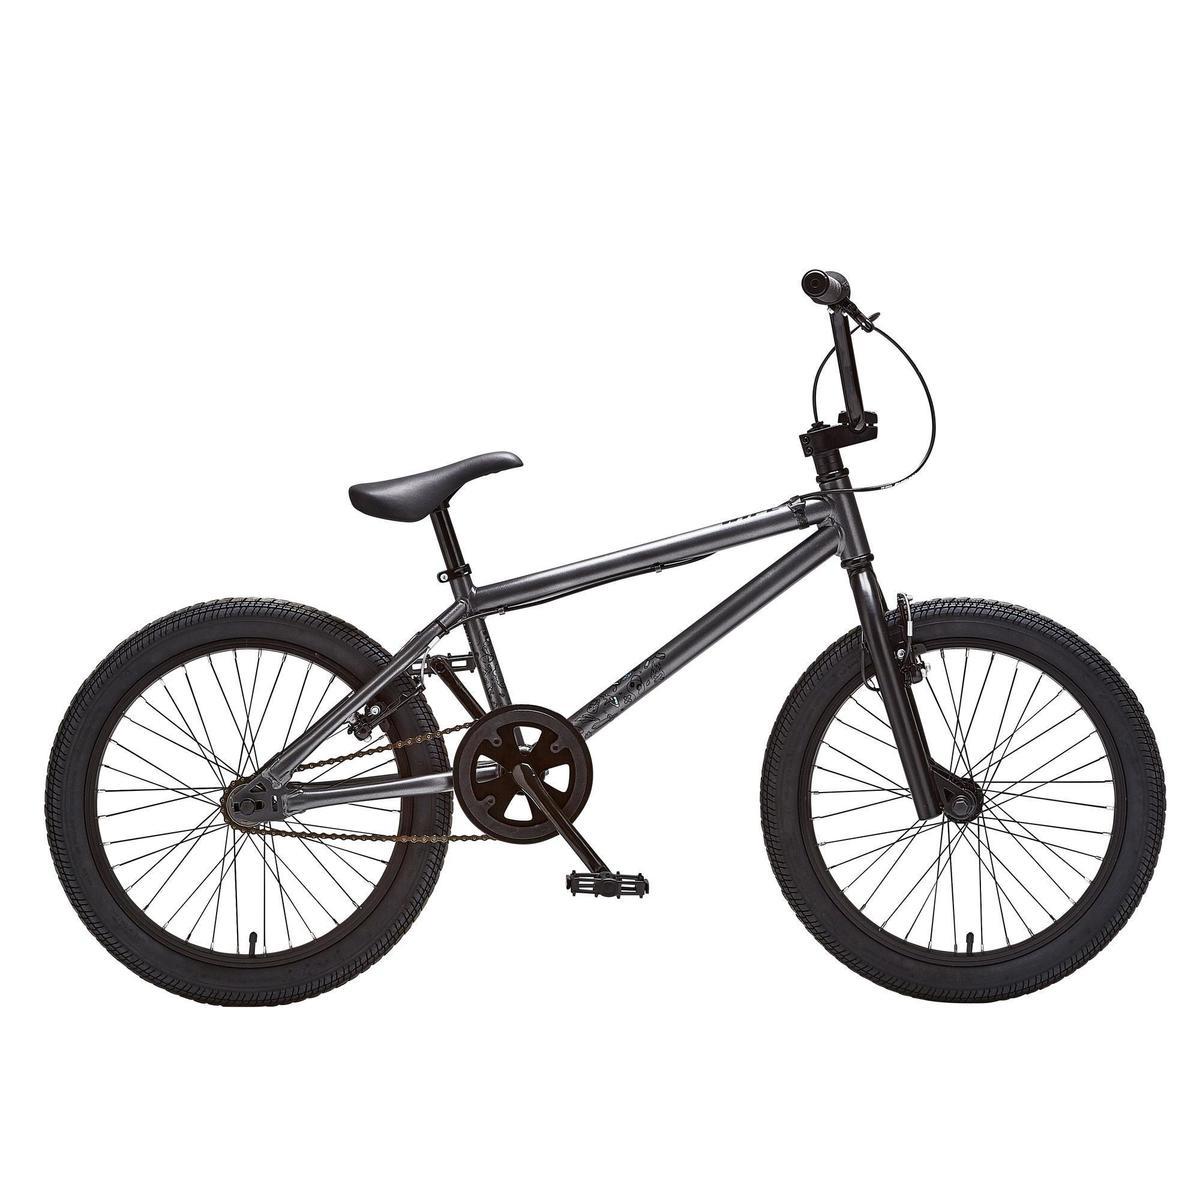 Bild 1 von BMX-Rad 100 Wipe